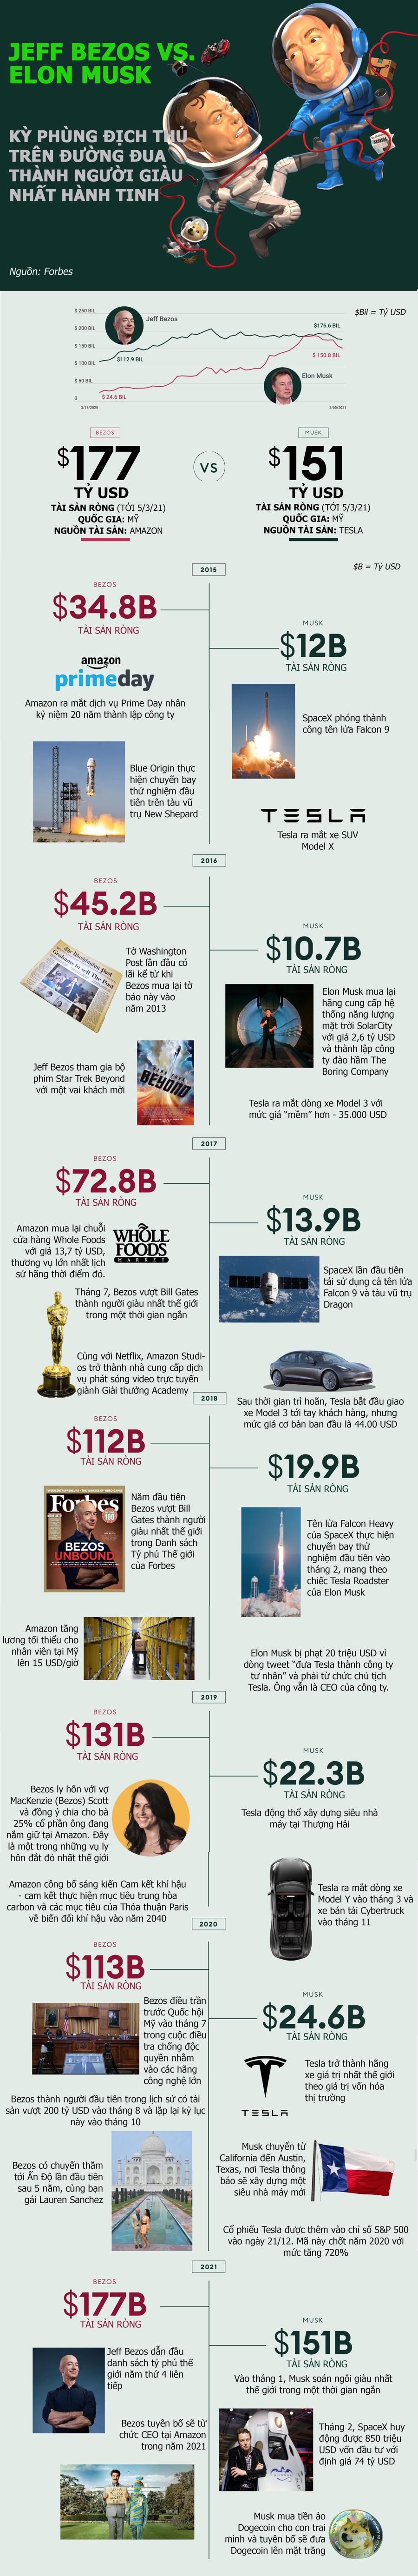 Jeff Bezos và Elon Musk đối đầu nhau thế nào trên đường đua tỷ phú? - Ảnh 1.